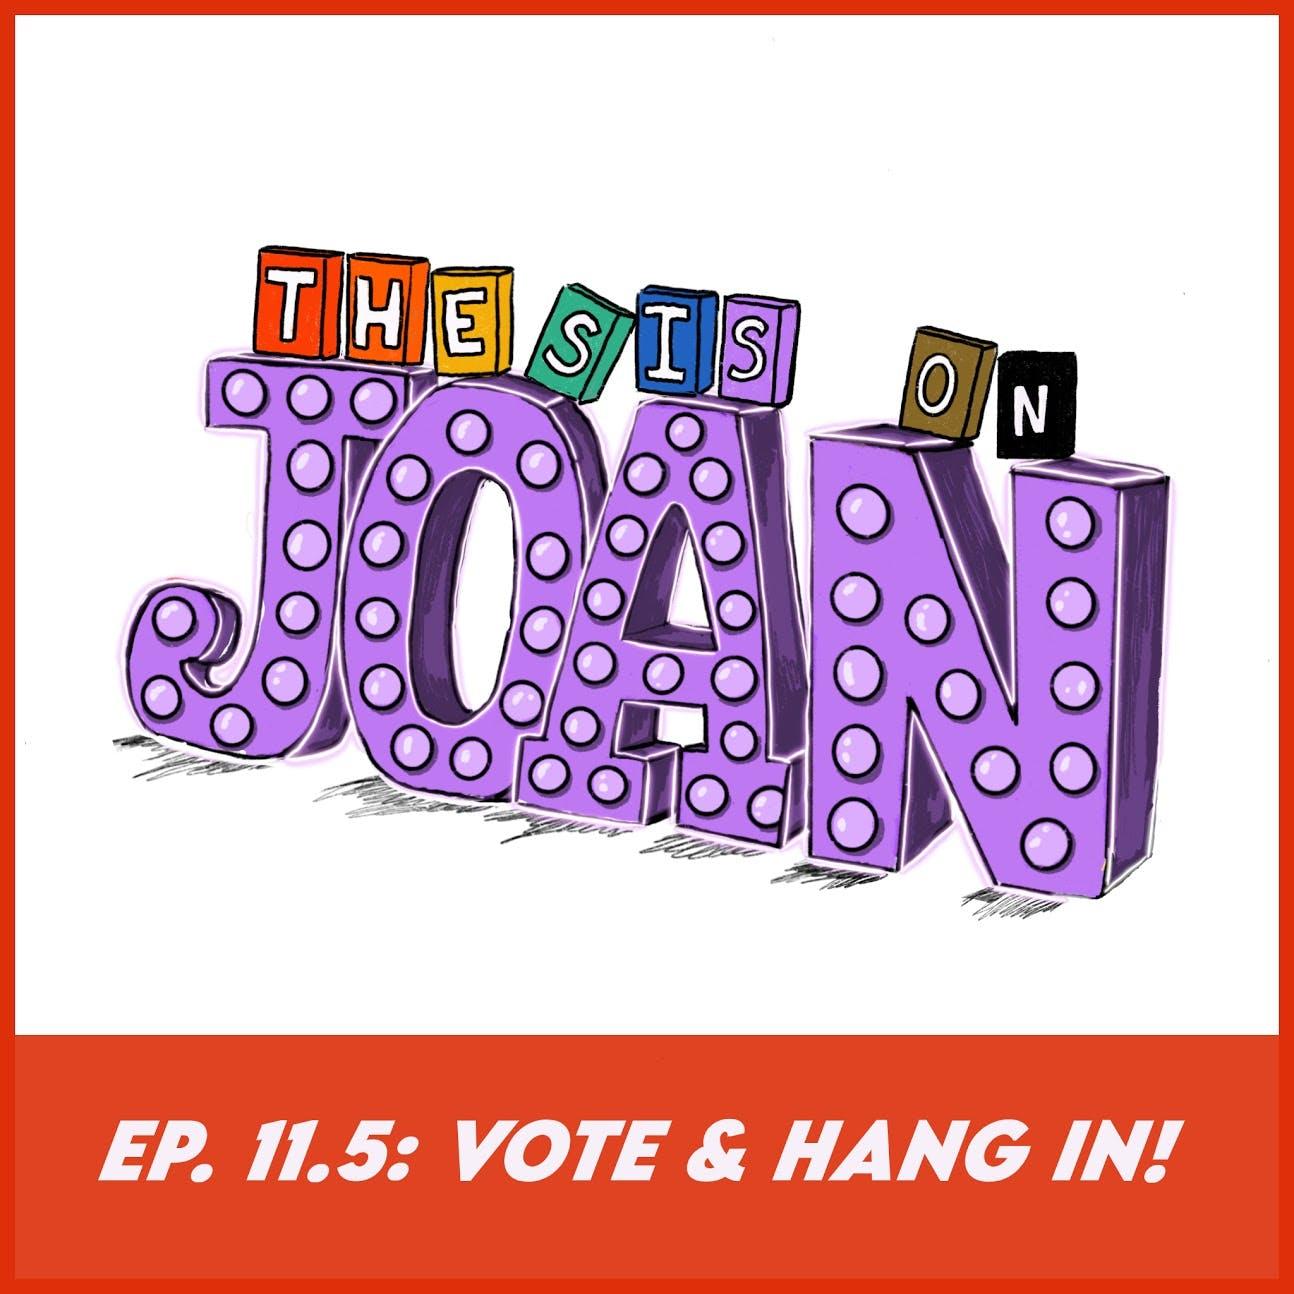 #11.5 - Vote & Hang In